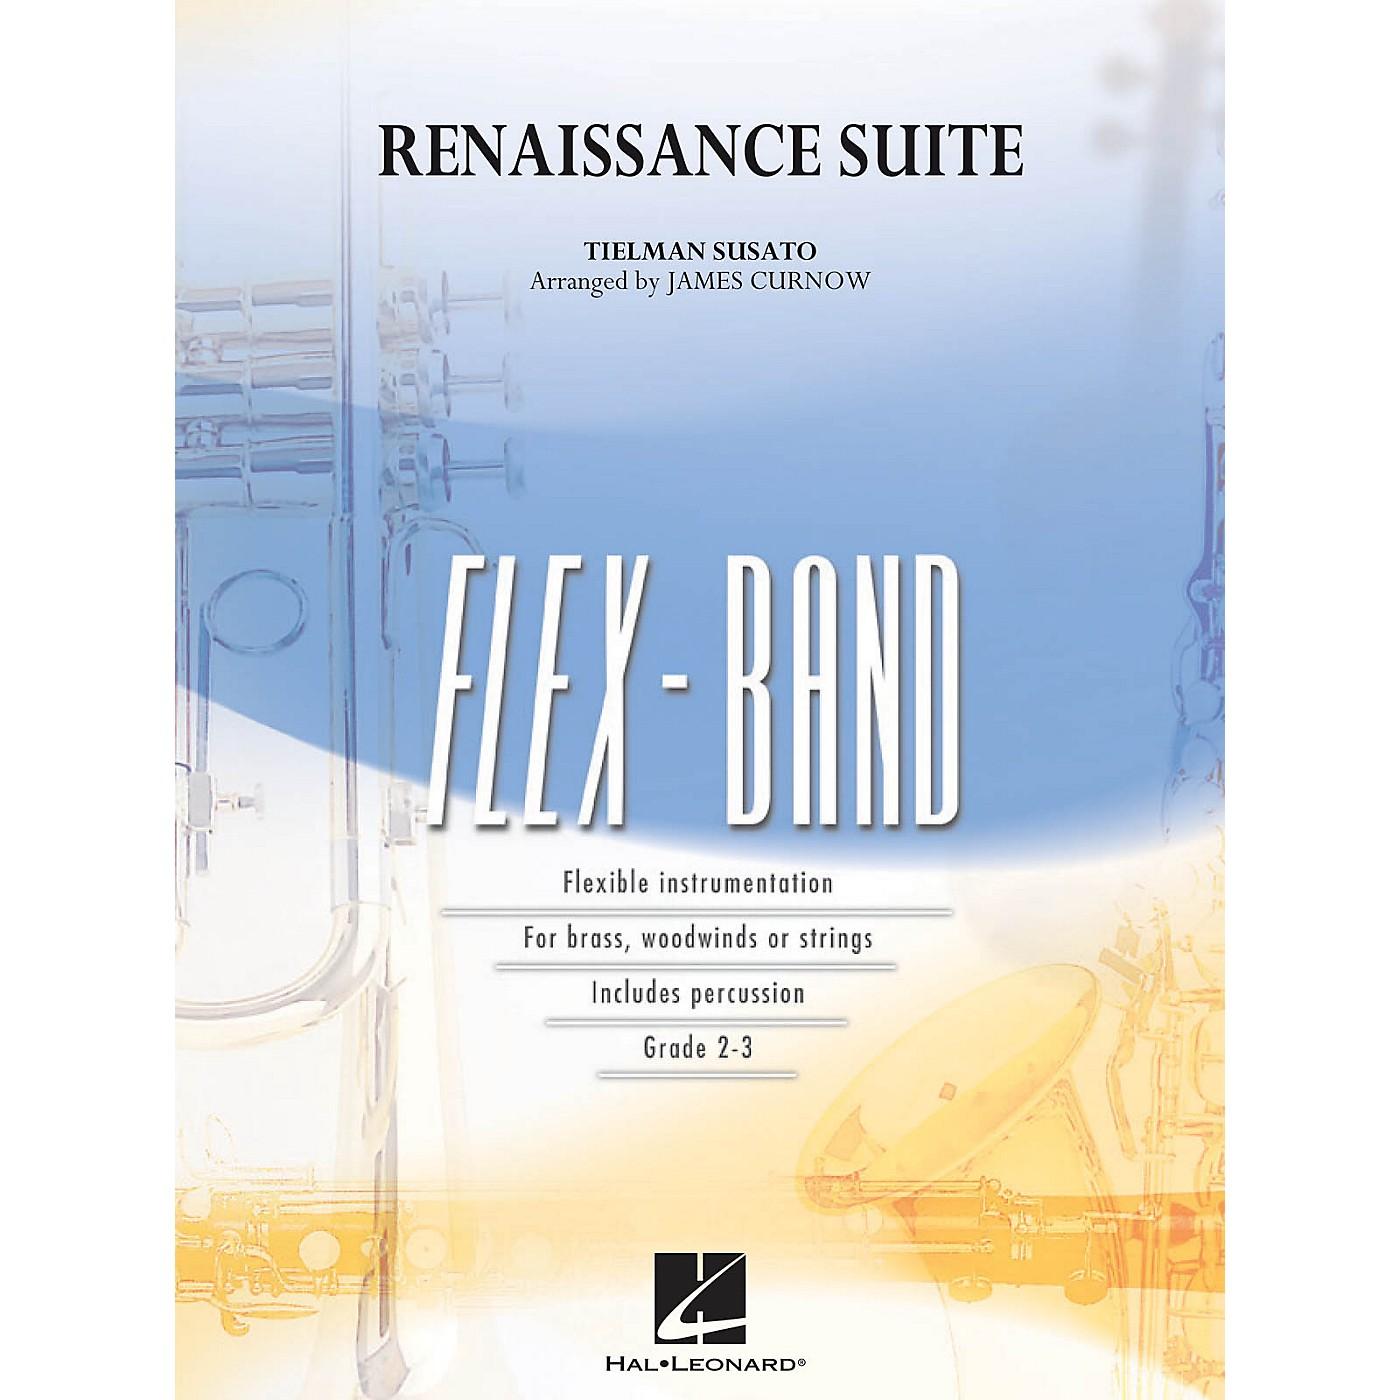 Hal Leonard Renaissance Suite Concert Band Level 2-3 Arranged by James Curnow thumbnail